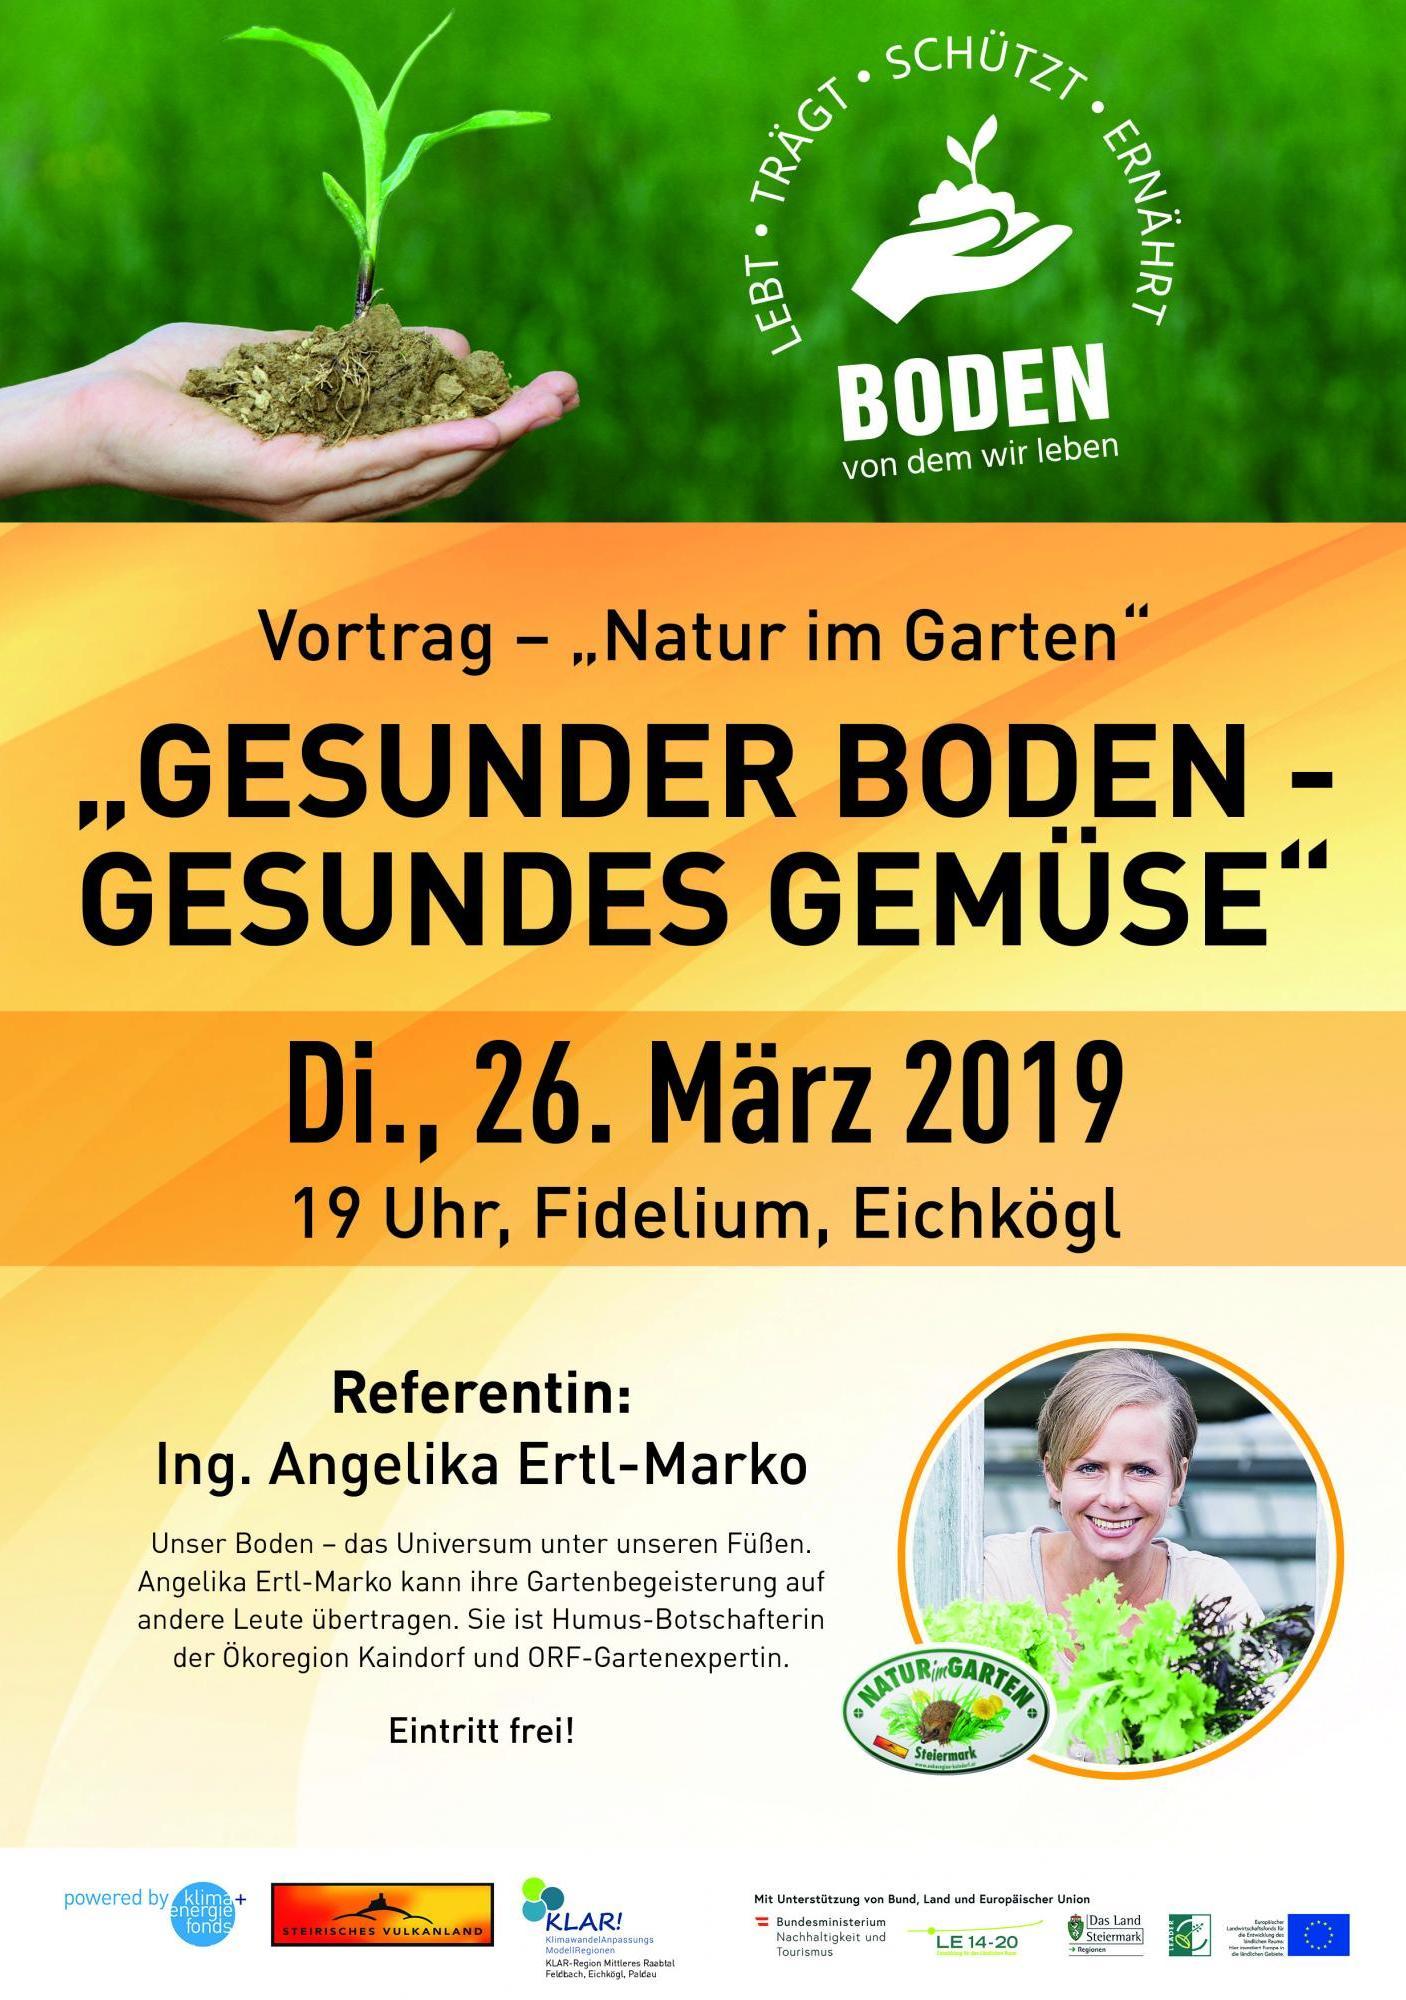 biogarten-vortrag